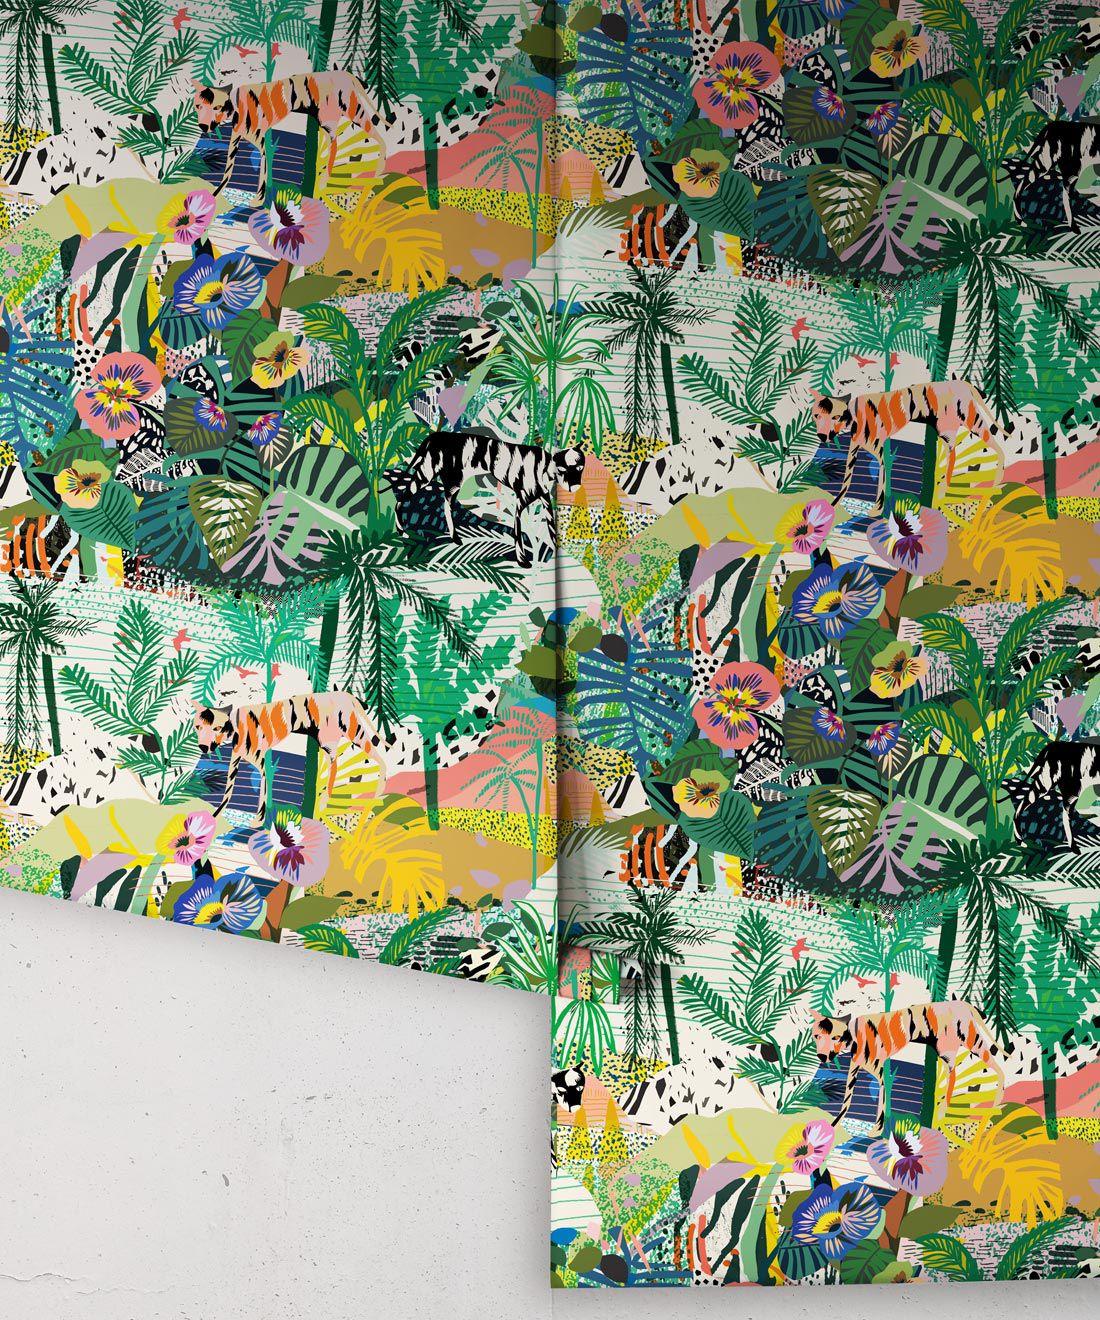 Utopia wallpaper • Colourful Tropical Wallpaper • Rolls